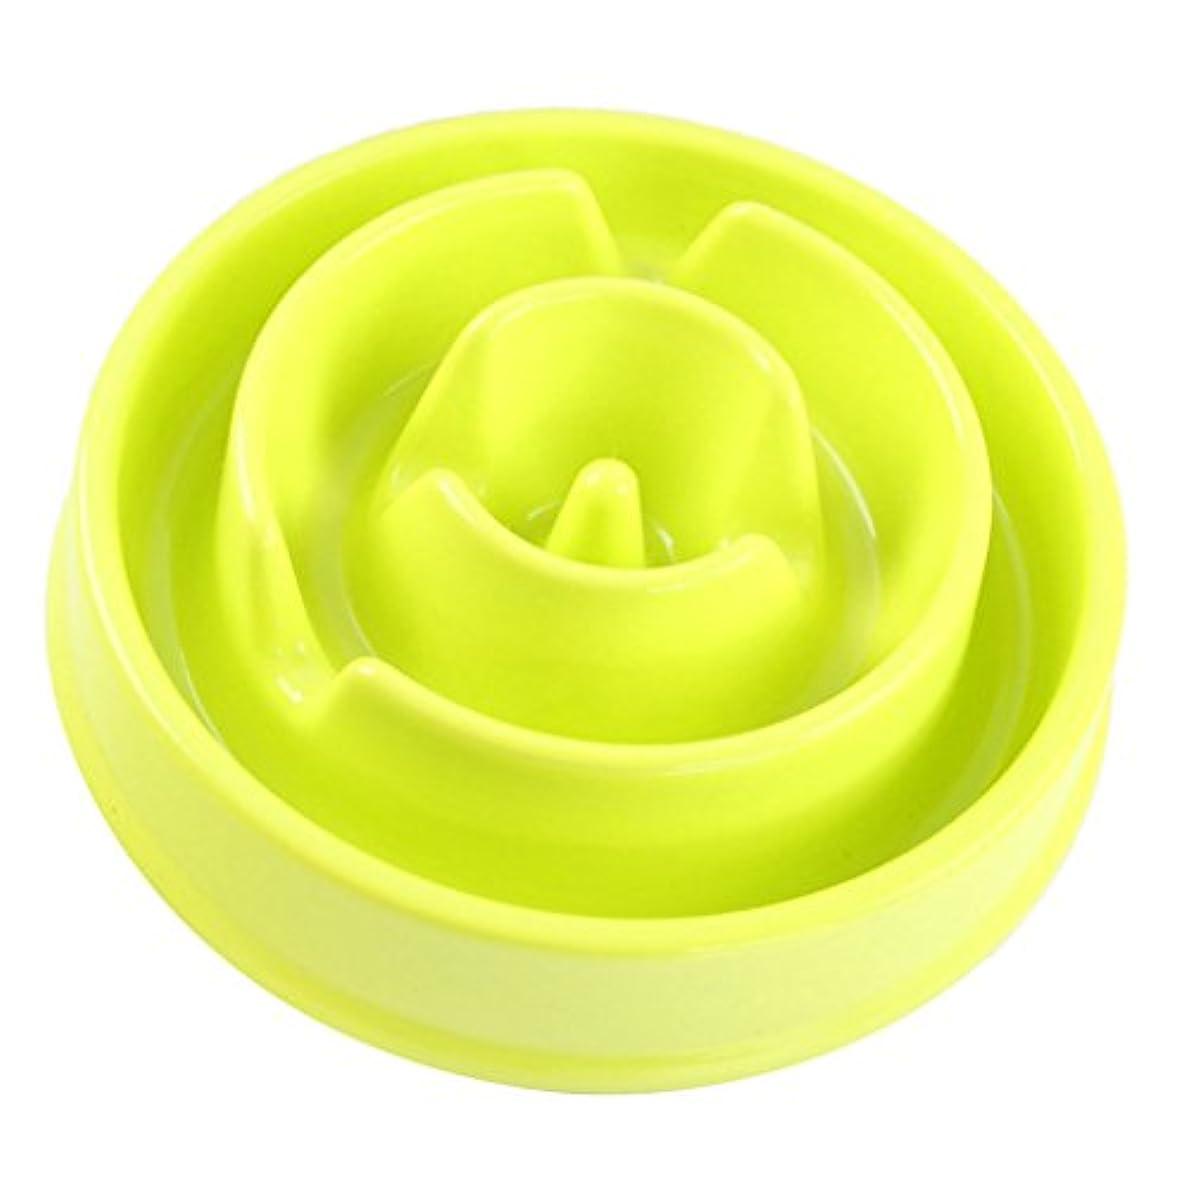 Flameer 全3色選べる  ペット 犬 プラスチック 食器 餌入れ ボウル スローフード ボウル  - 緑